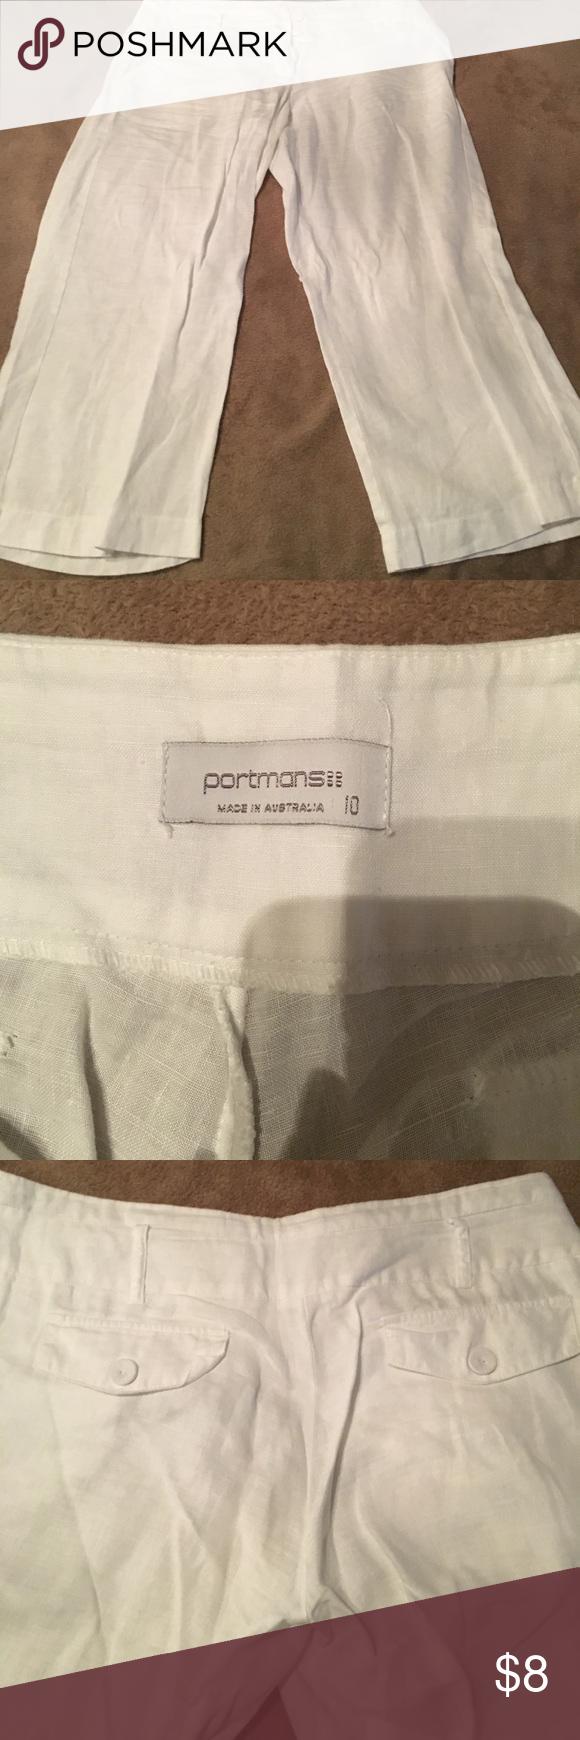 Thin, white linen capris Perfect condition portmans Pants Capris